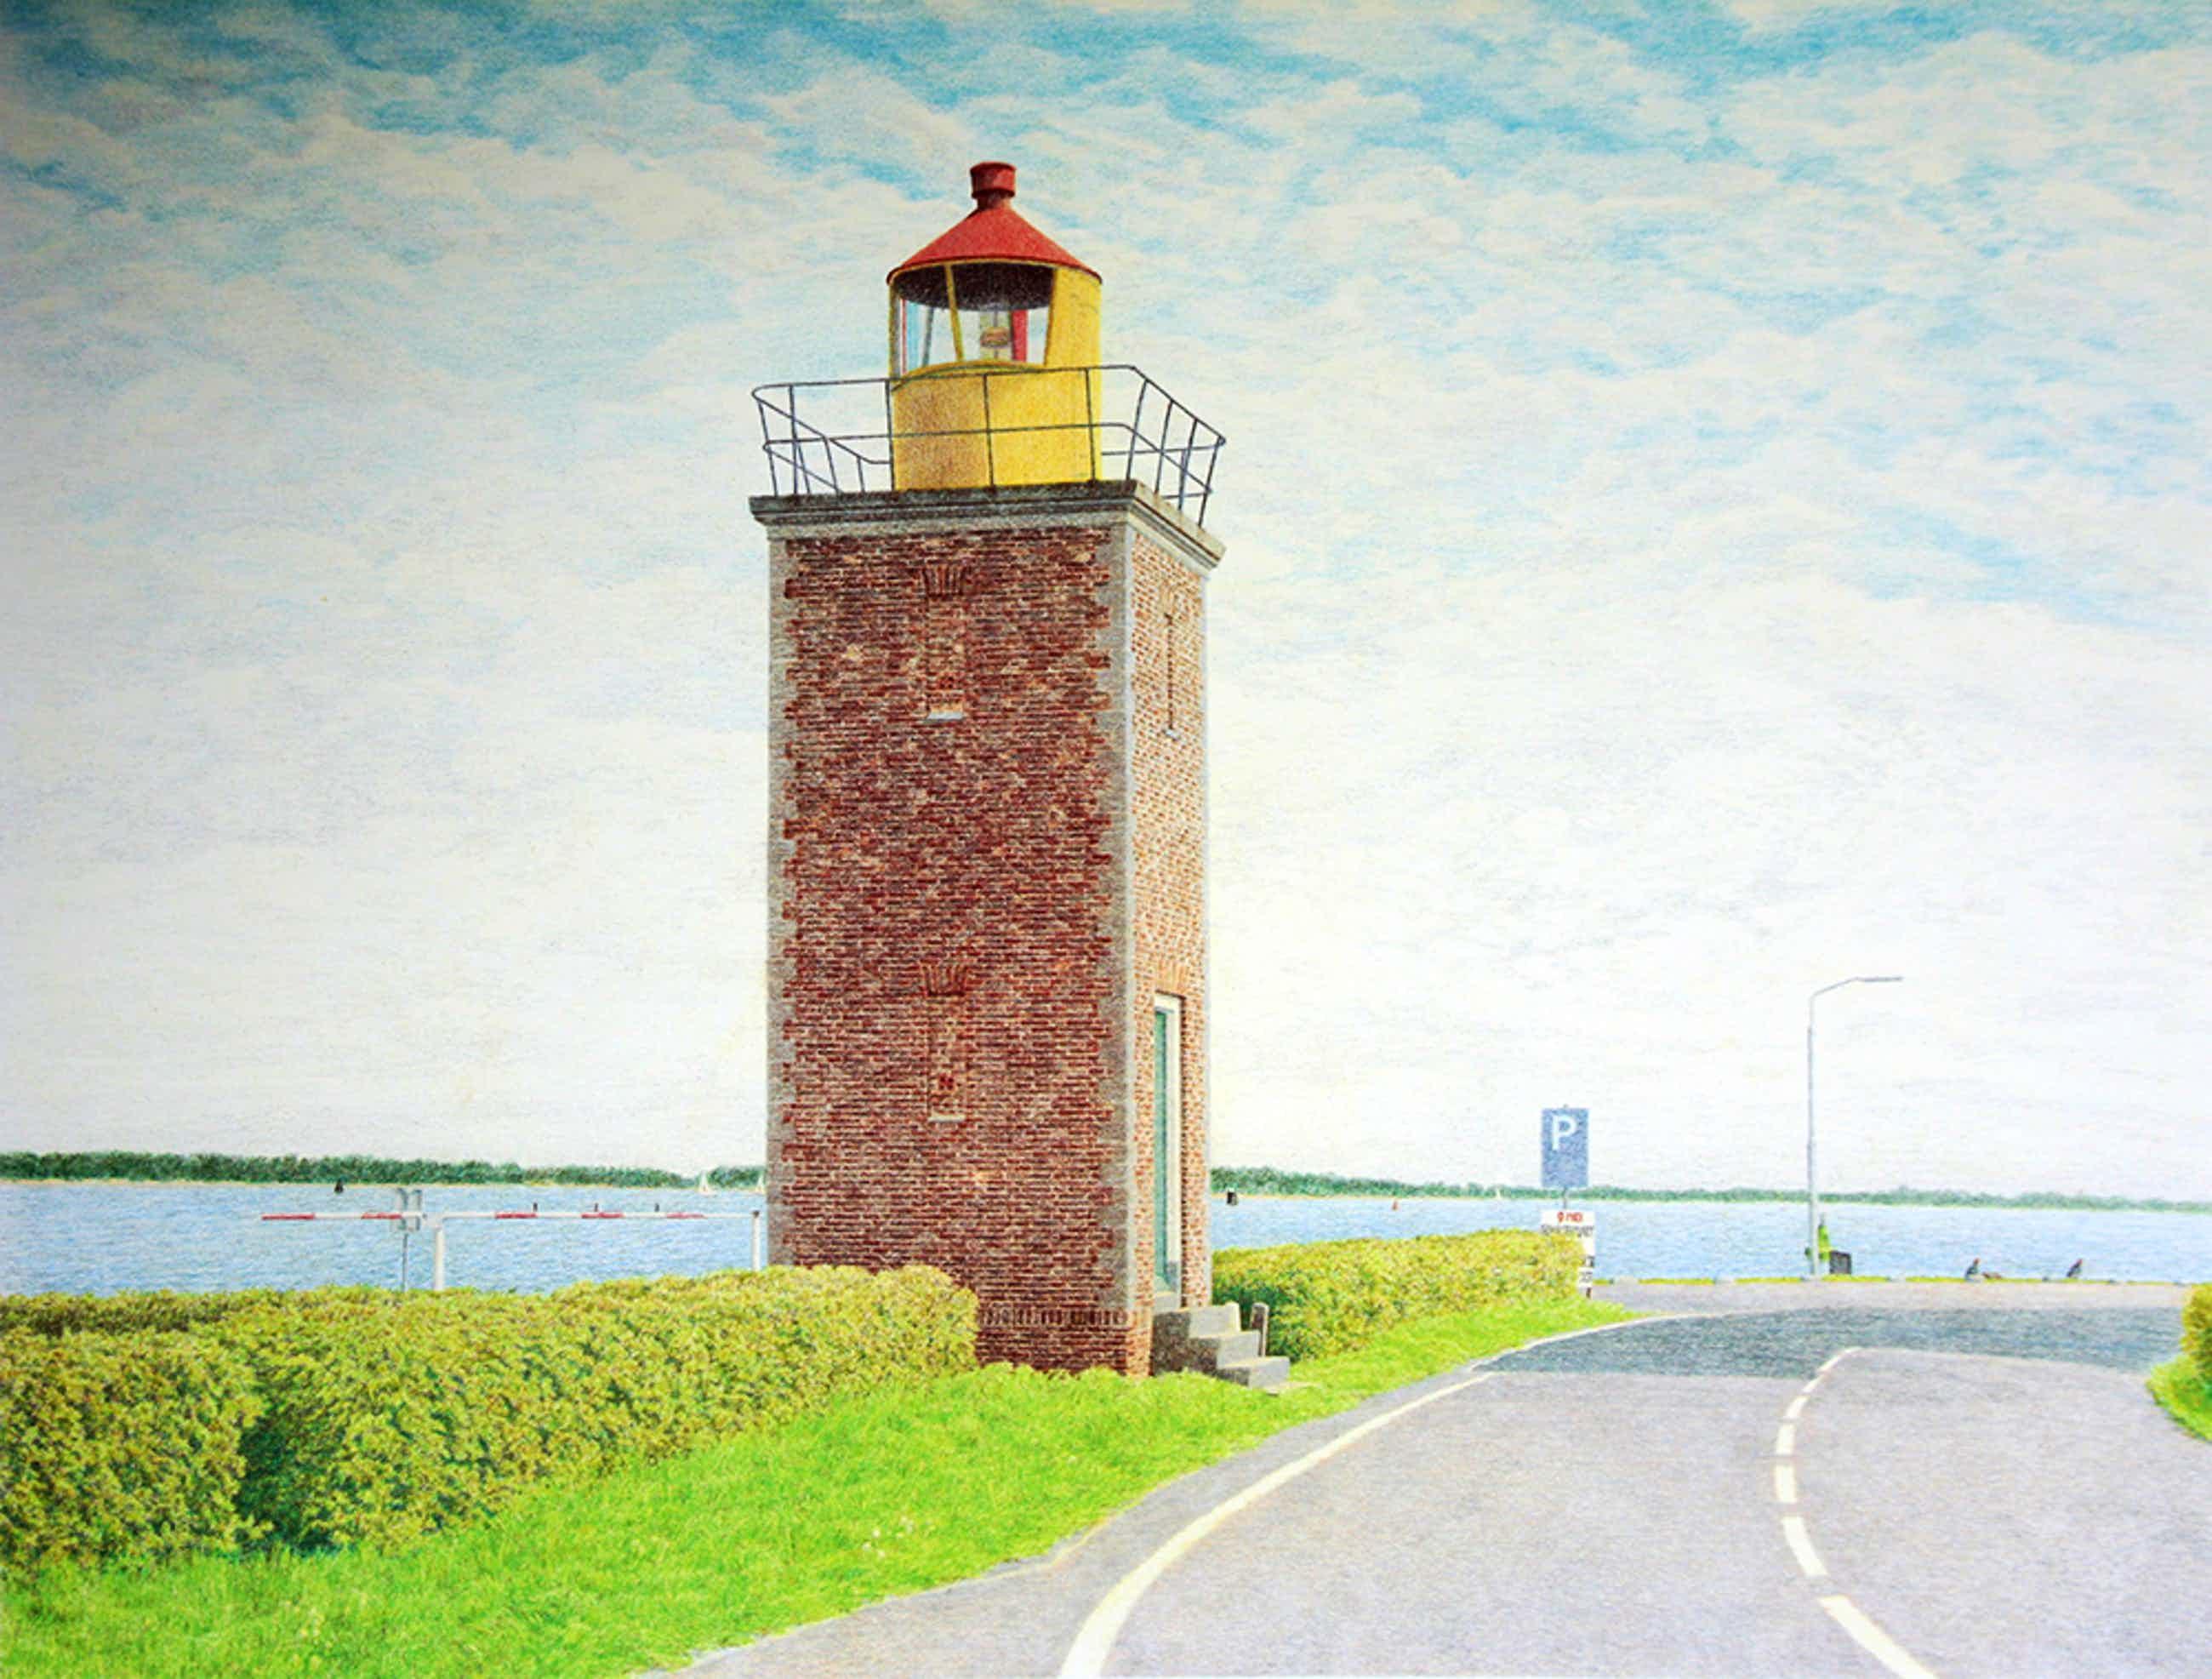 Frans Room - vuurtoren Willemstad - zeefdruk - FR0032 kopen? Bied vanaf 25!